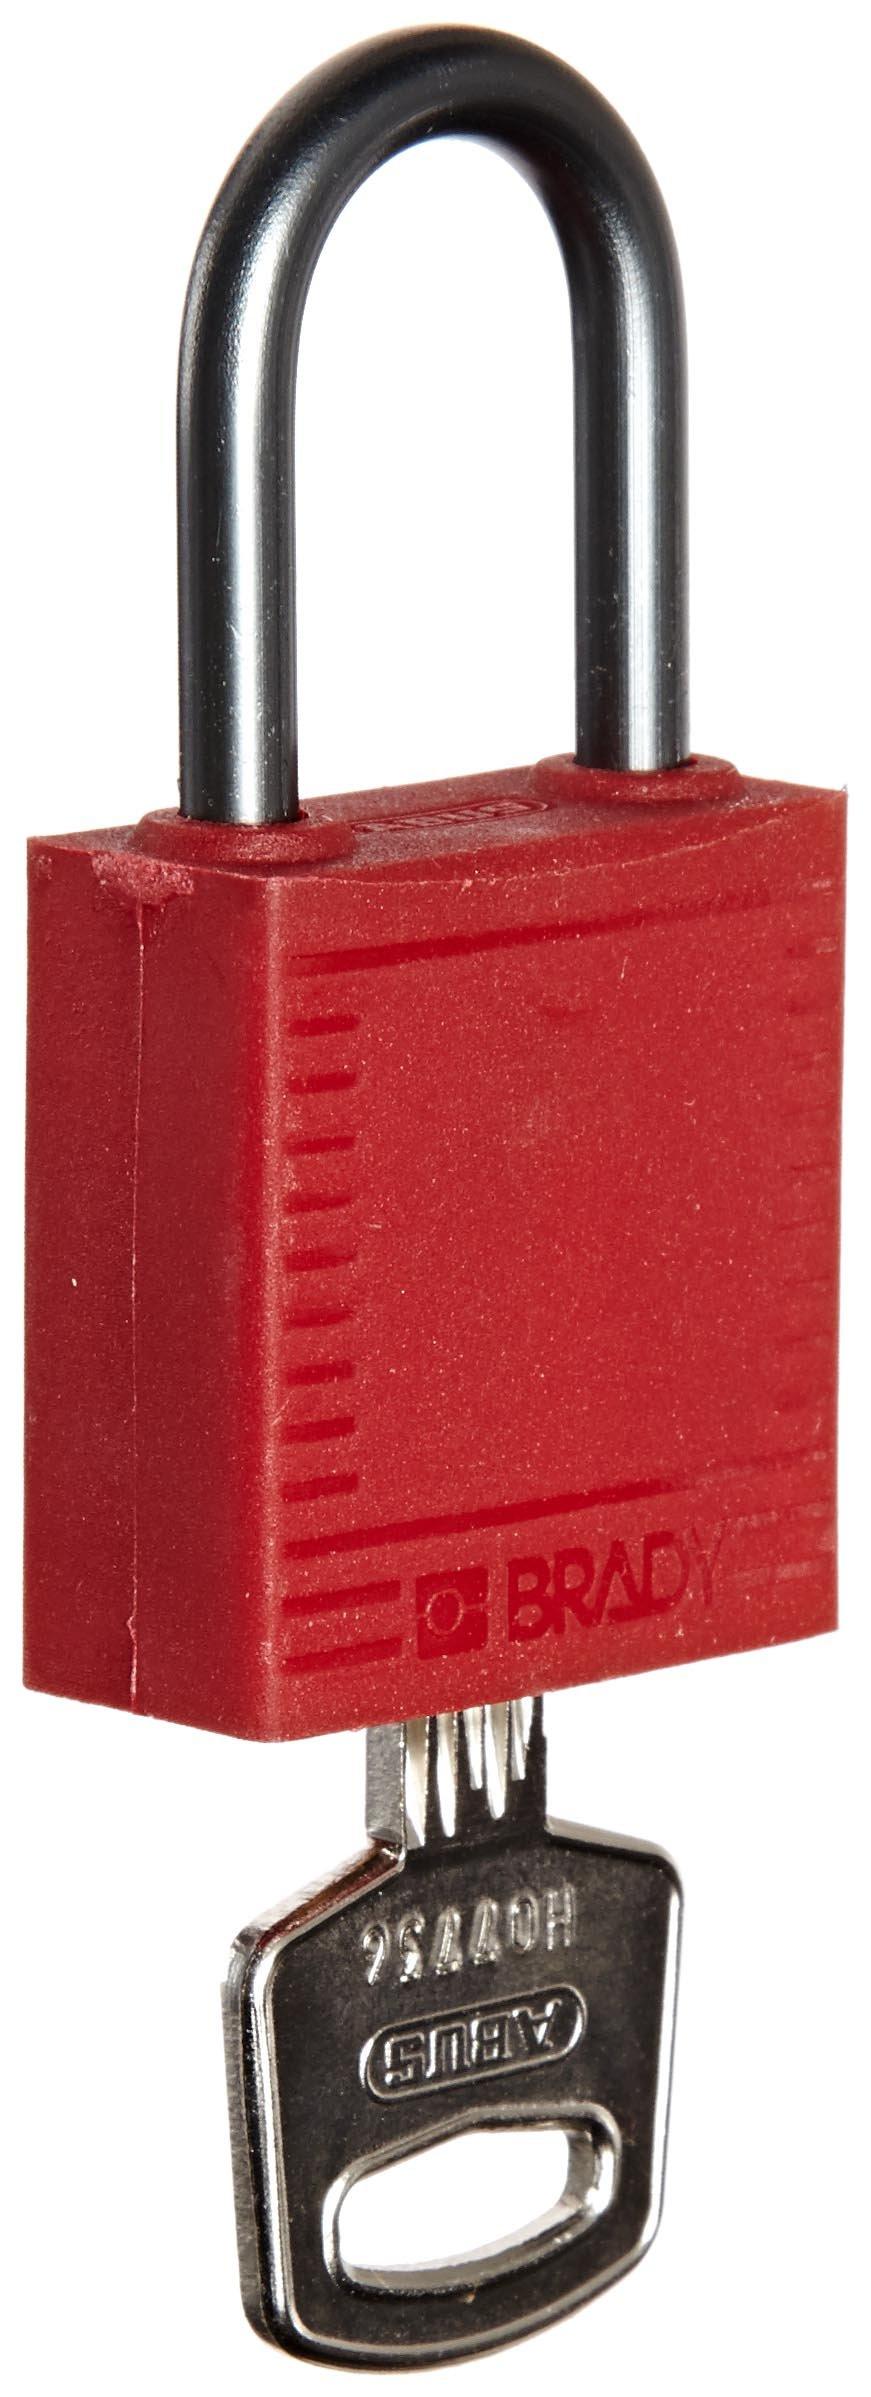 Brady 118954 Red, Brady Compact Safety Lock - Keyed Alike (6 Locks)